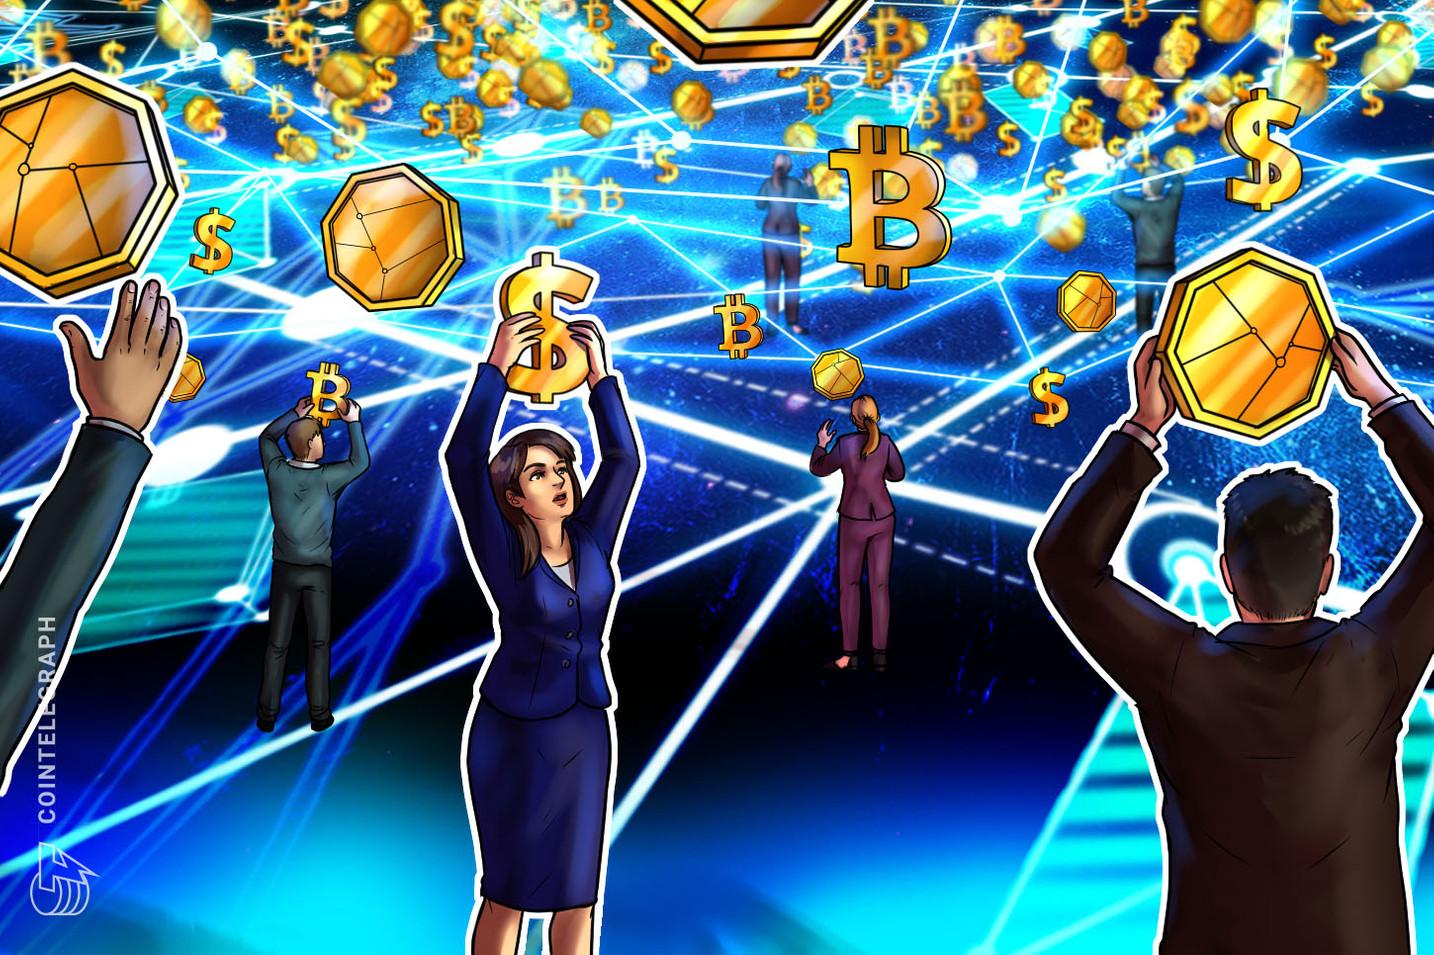 BitFlyer ofrece ahora a los usuarios estadounidenses 0% de comisión al comprar Bitcoin con USD